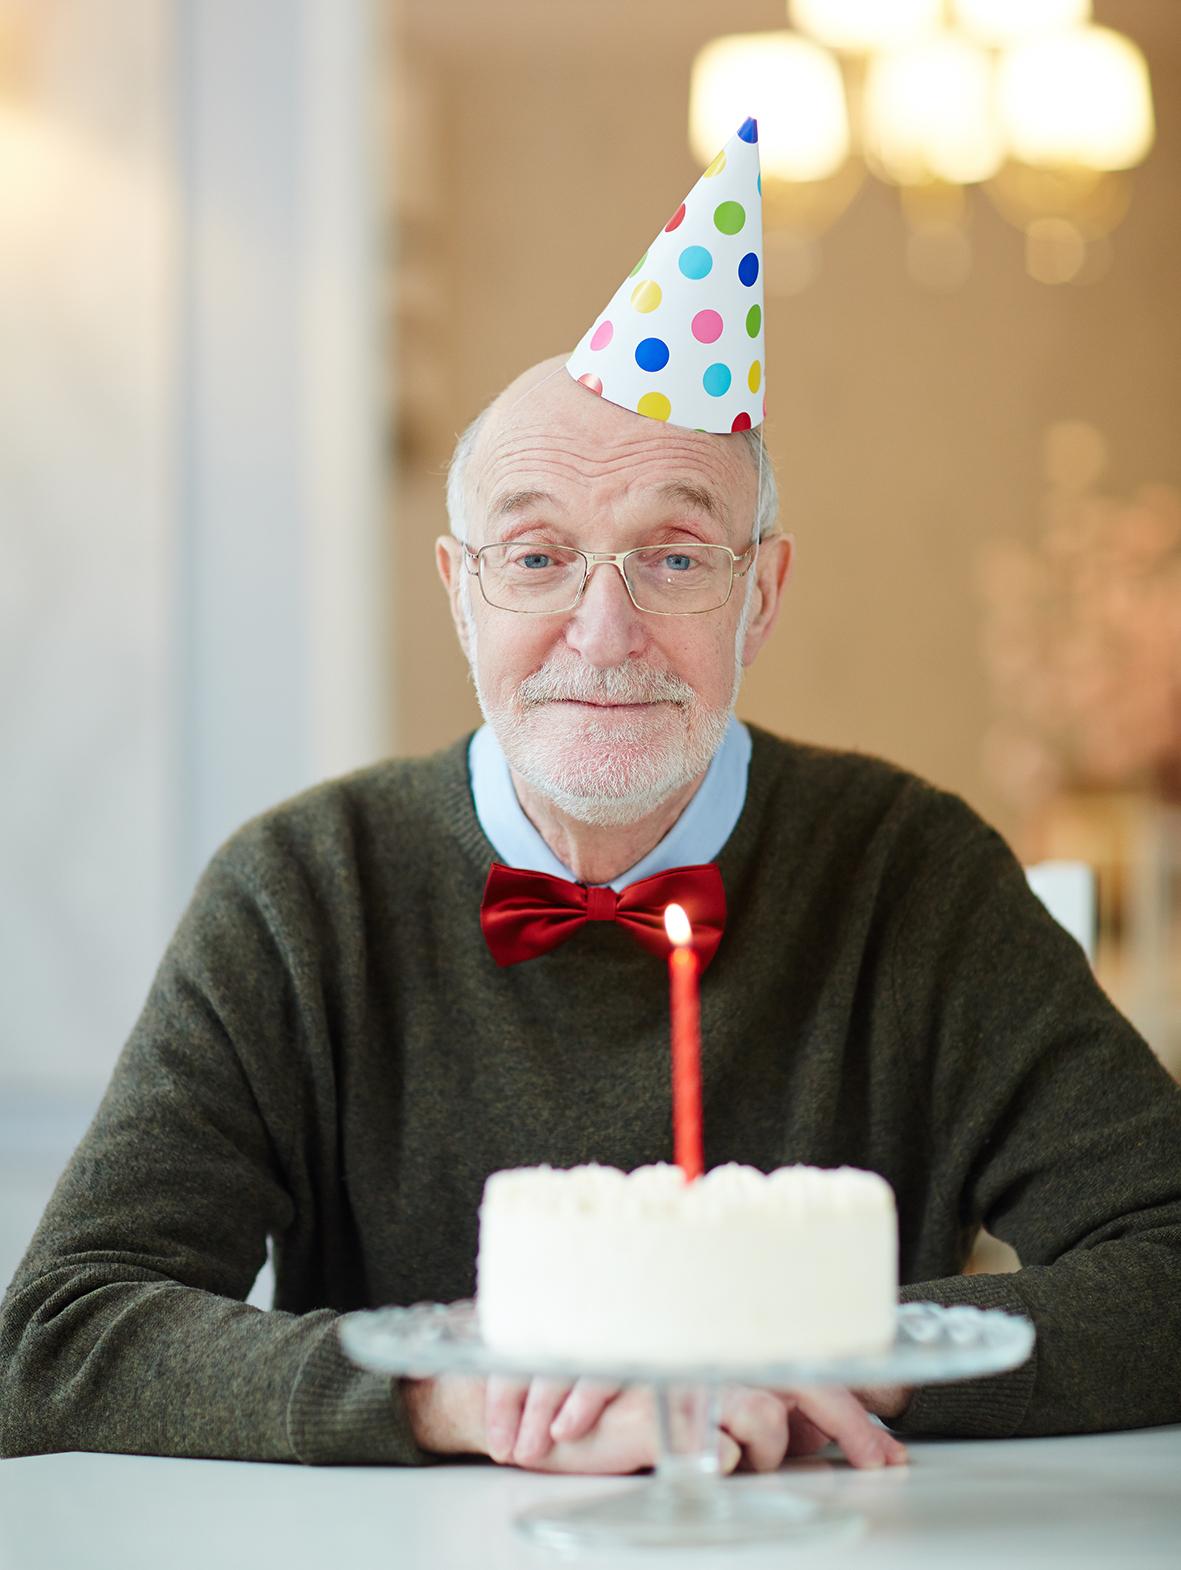 Смешные картинки для дня рождения стариков, рисунки